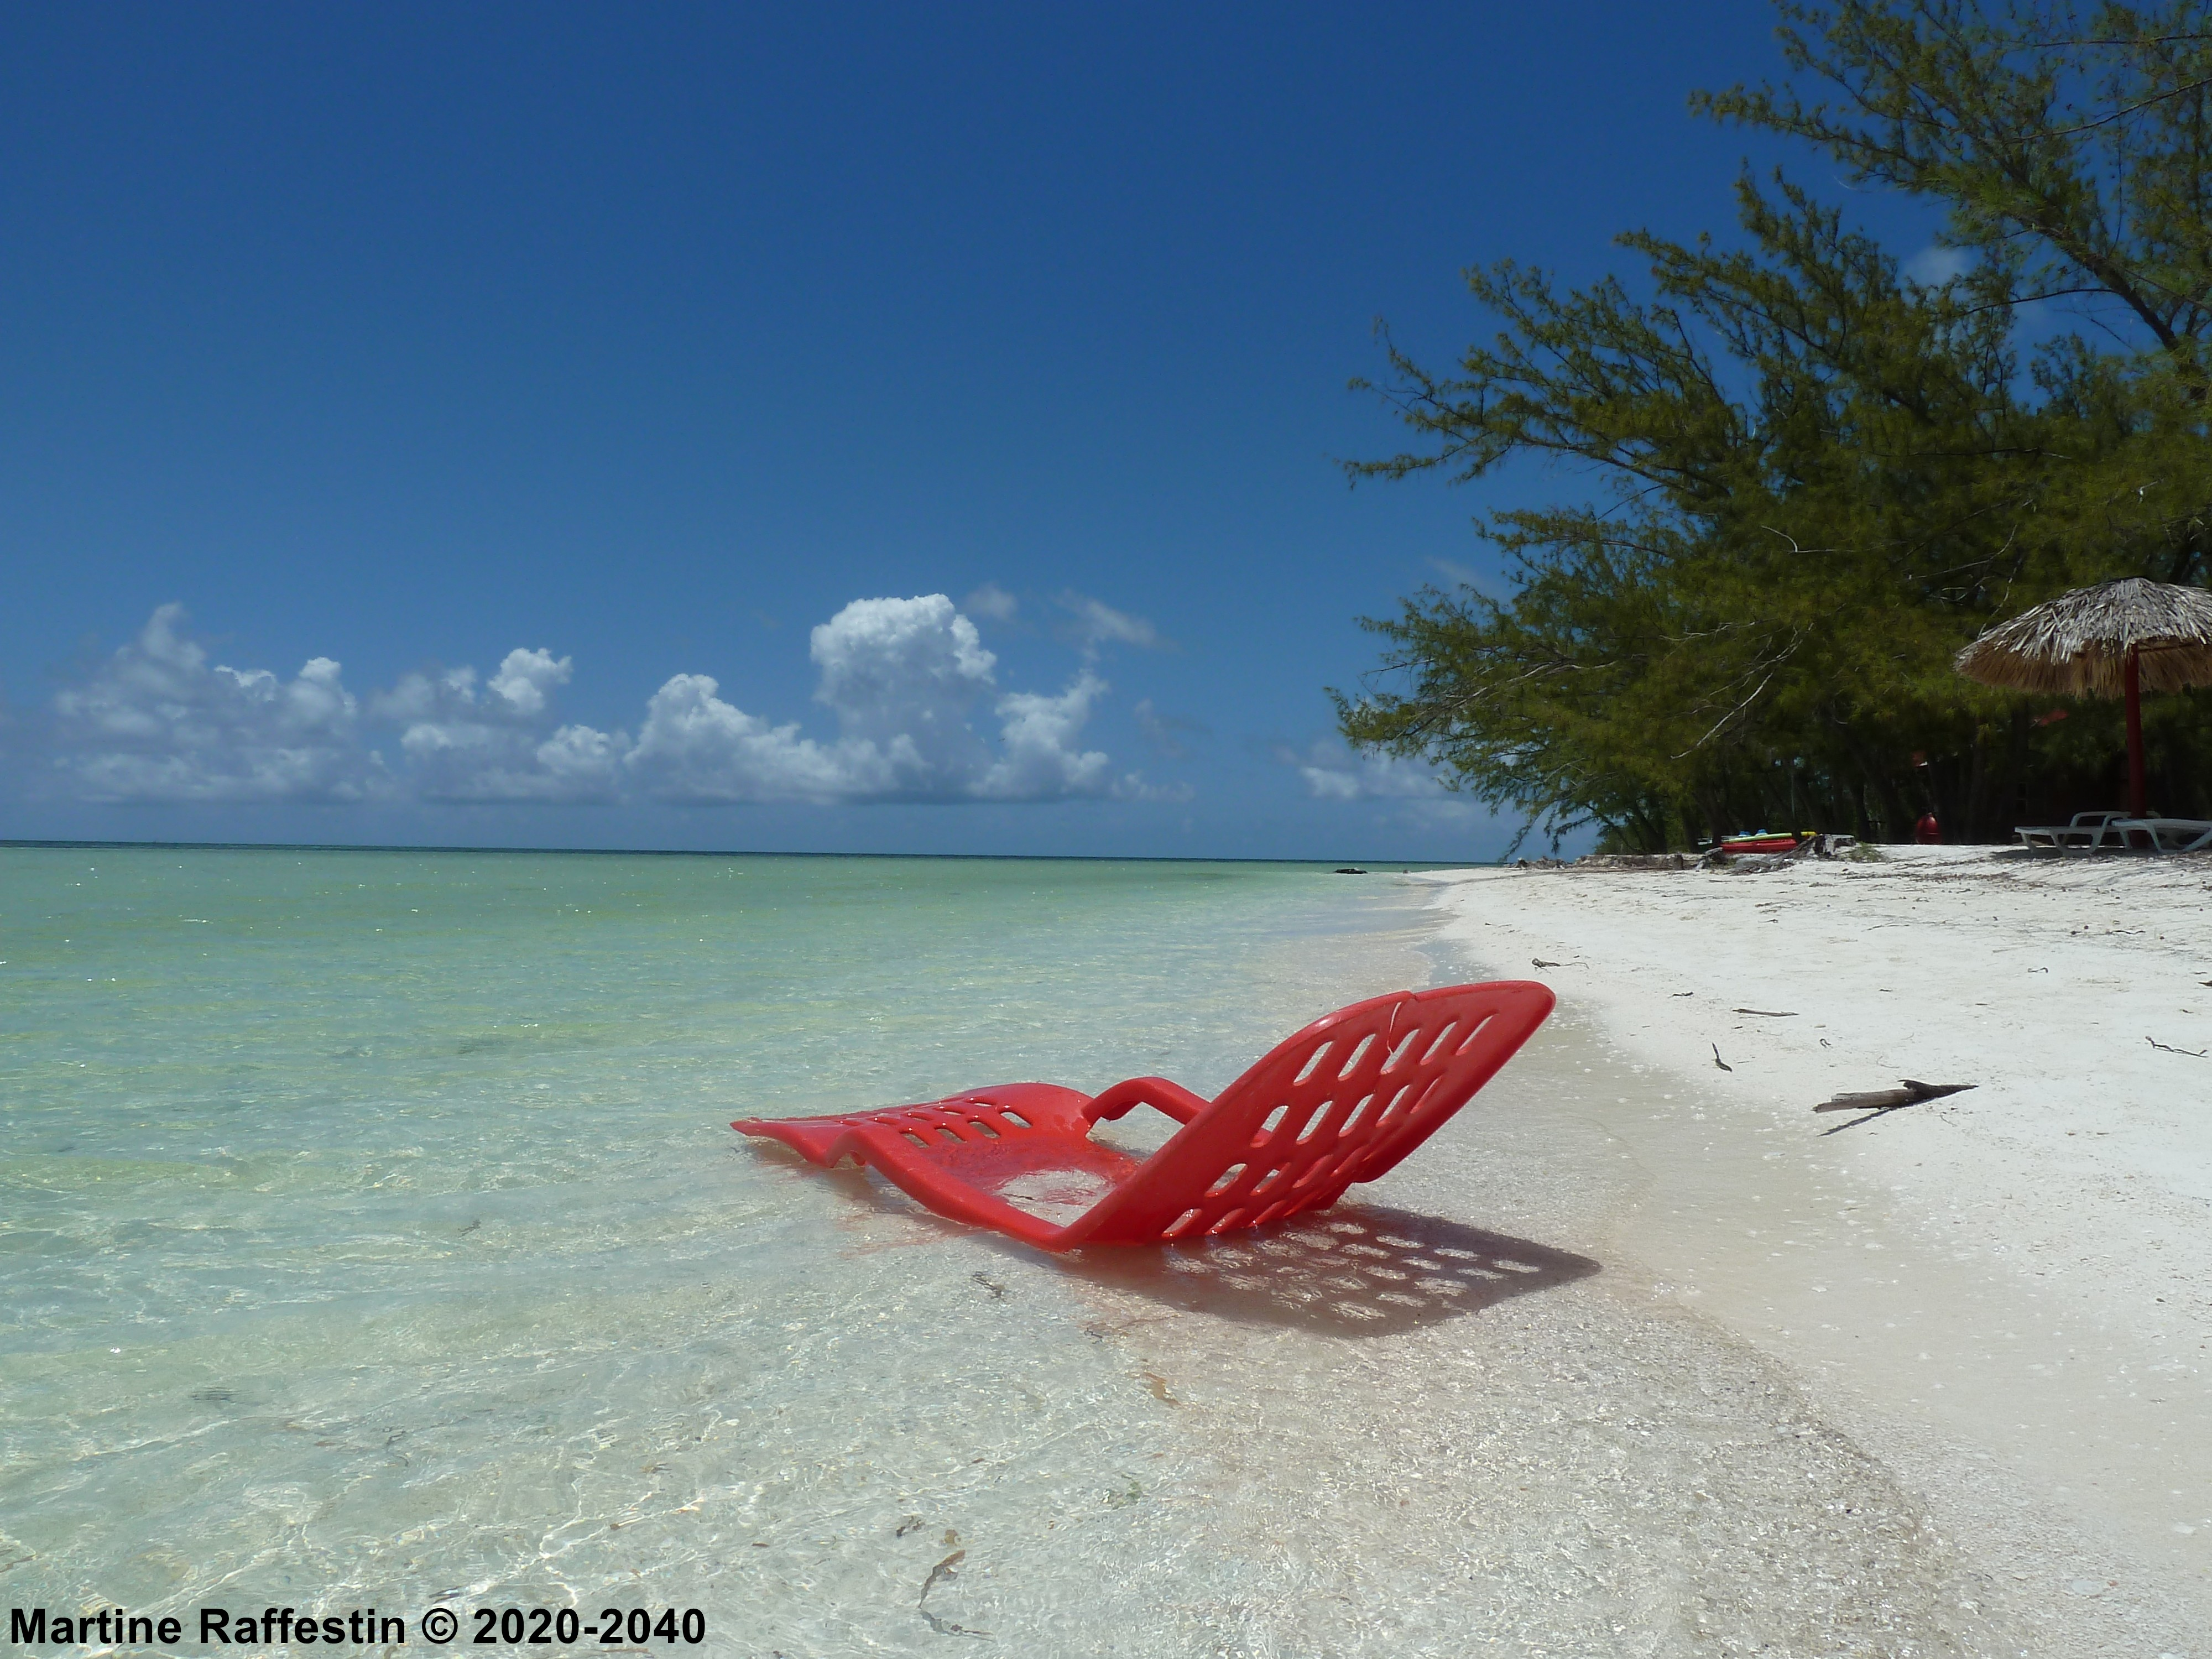 MR_Cuba-plage-de-Cayo-Blanco-2011